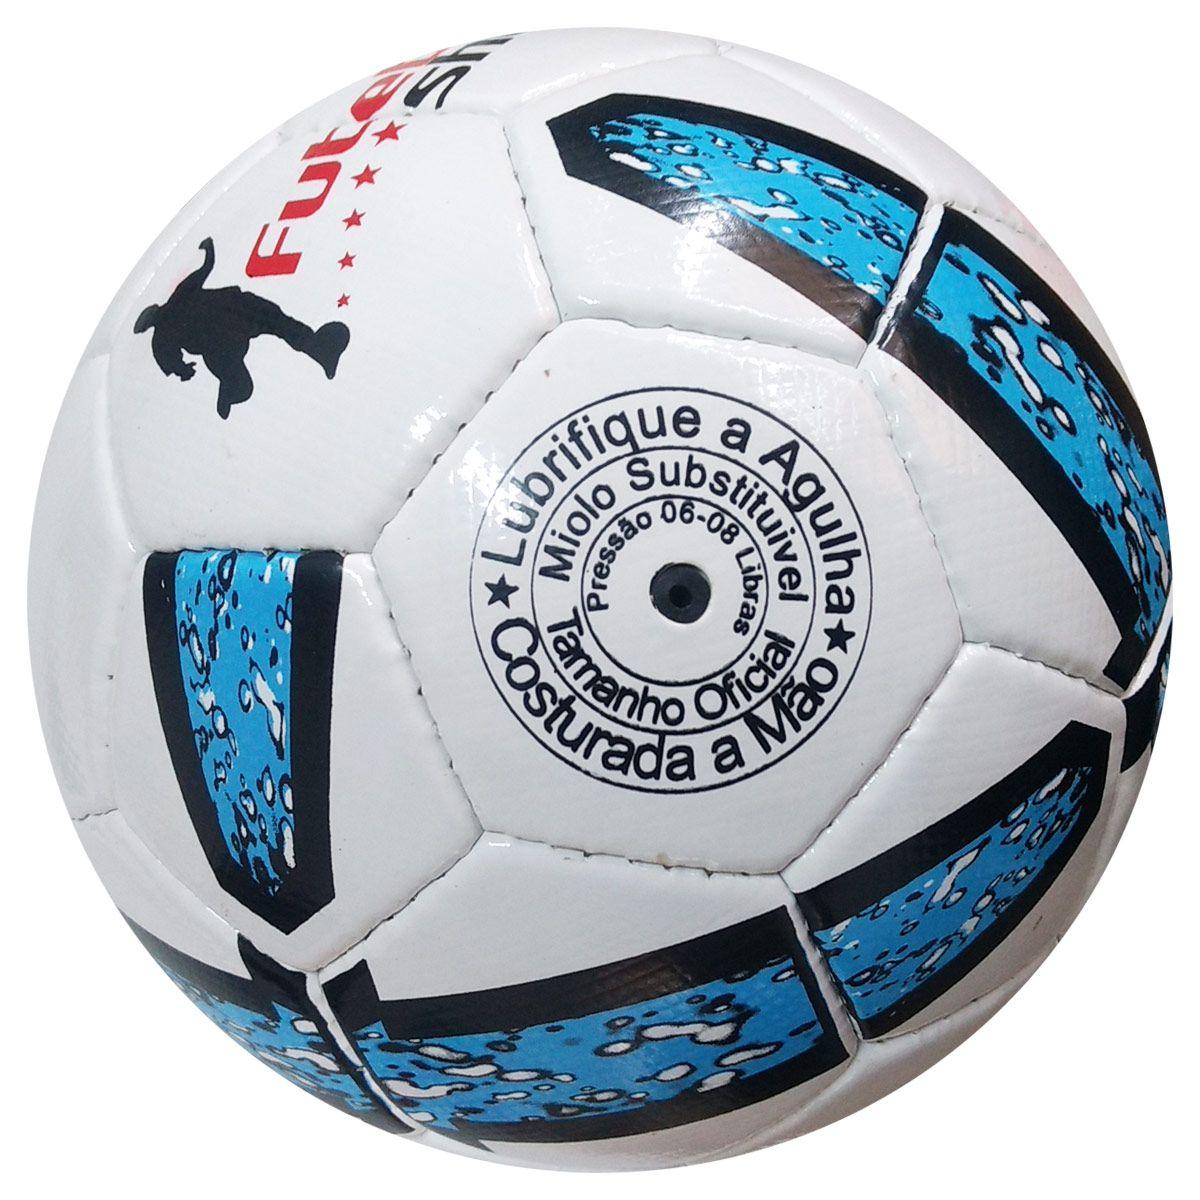 Bola Oficial de Futebol de Salão GS 500 Costurada Futebol Shop